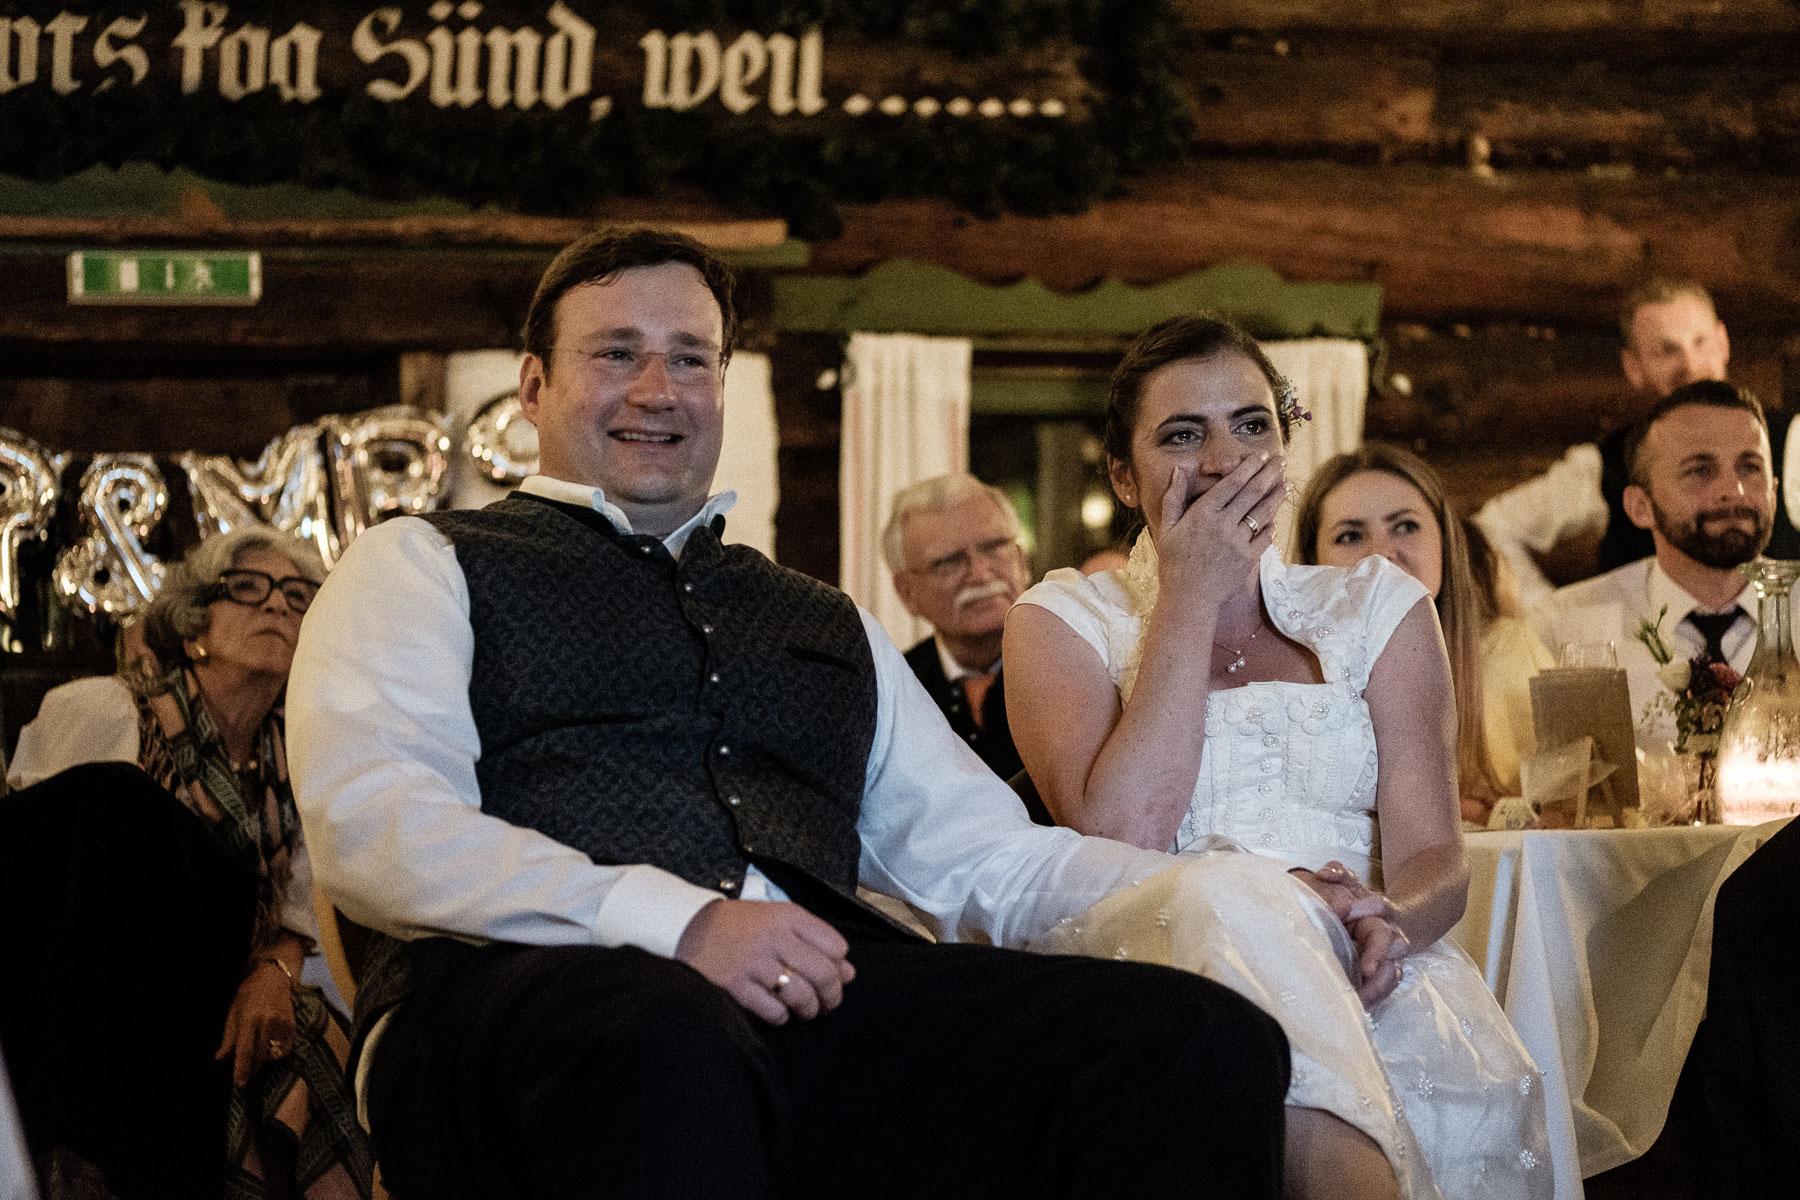 MartinLiebl_Hochzeitsfotograf_DPH_Blog_78.jpg